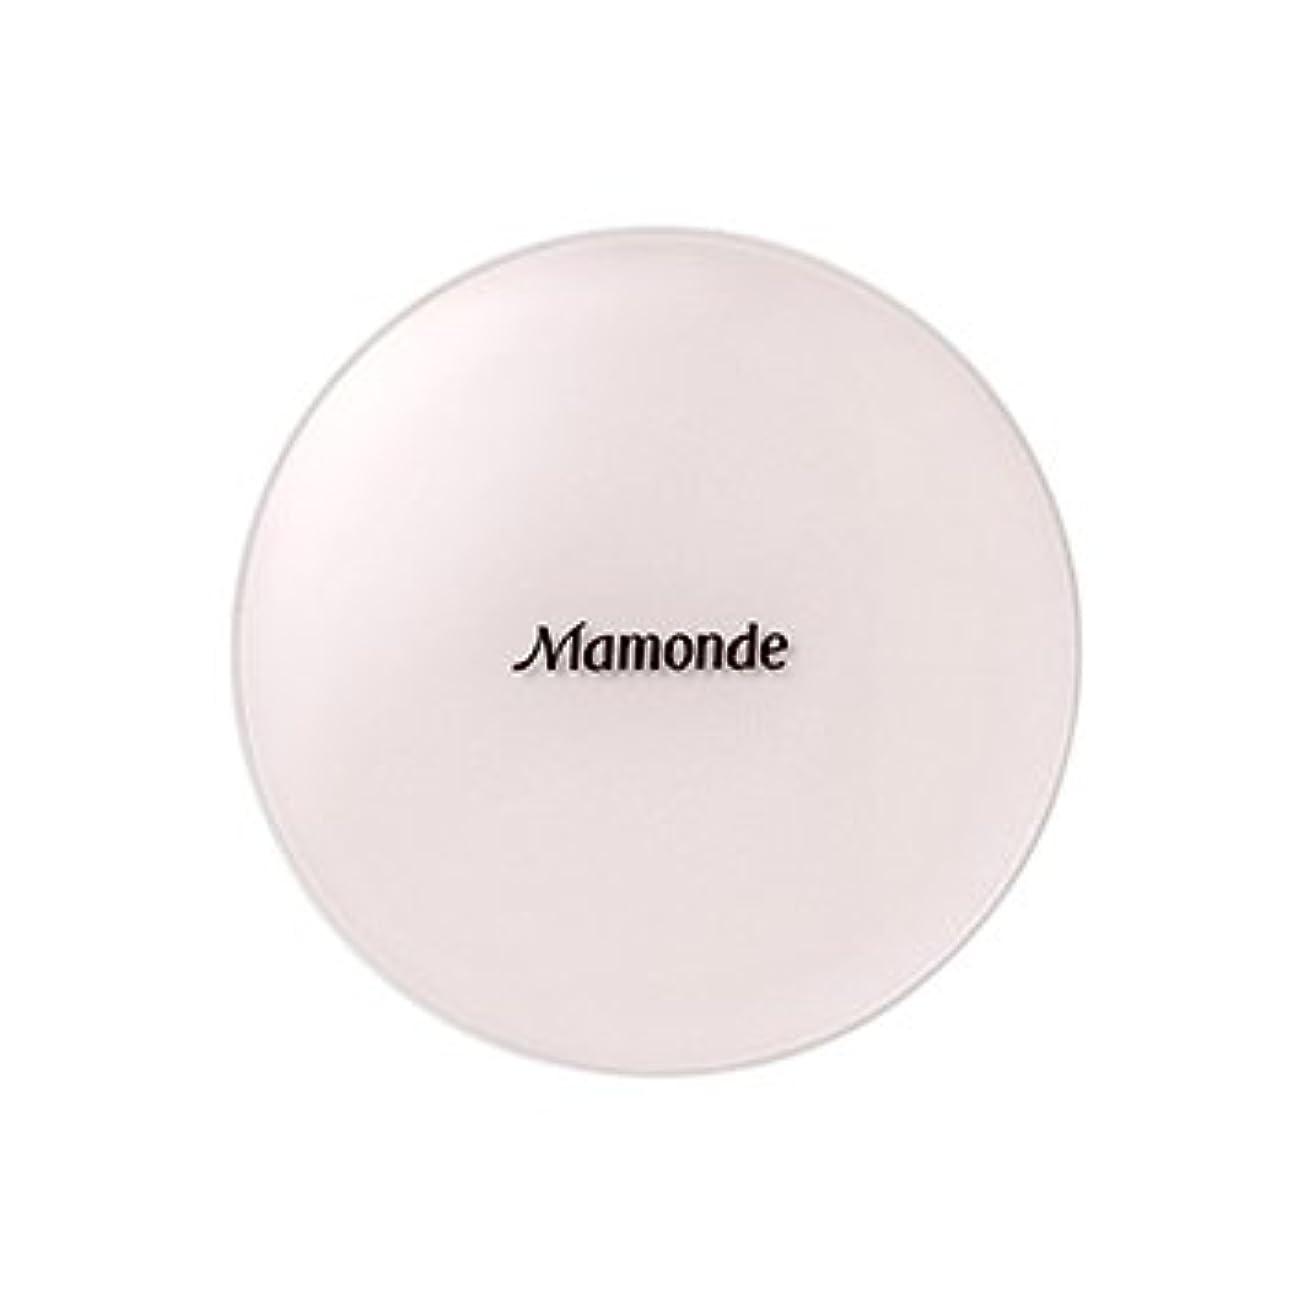 入り口してはいけませんゲージ[New] Mamonde Brightening Cover Ampoule Cushion 15g/マモンド ブライトニング カバー アンプル クッション 15g (#17 Light Peach) [並行輸入品]